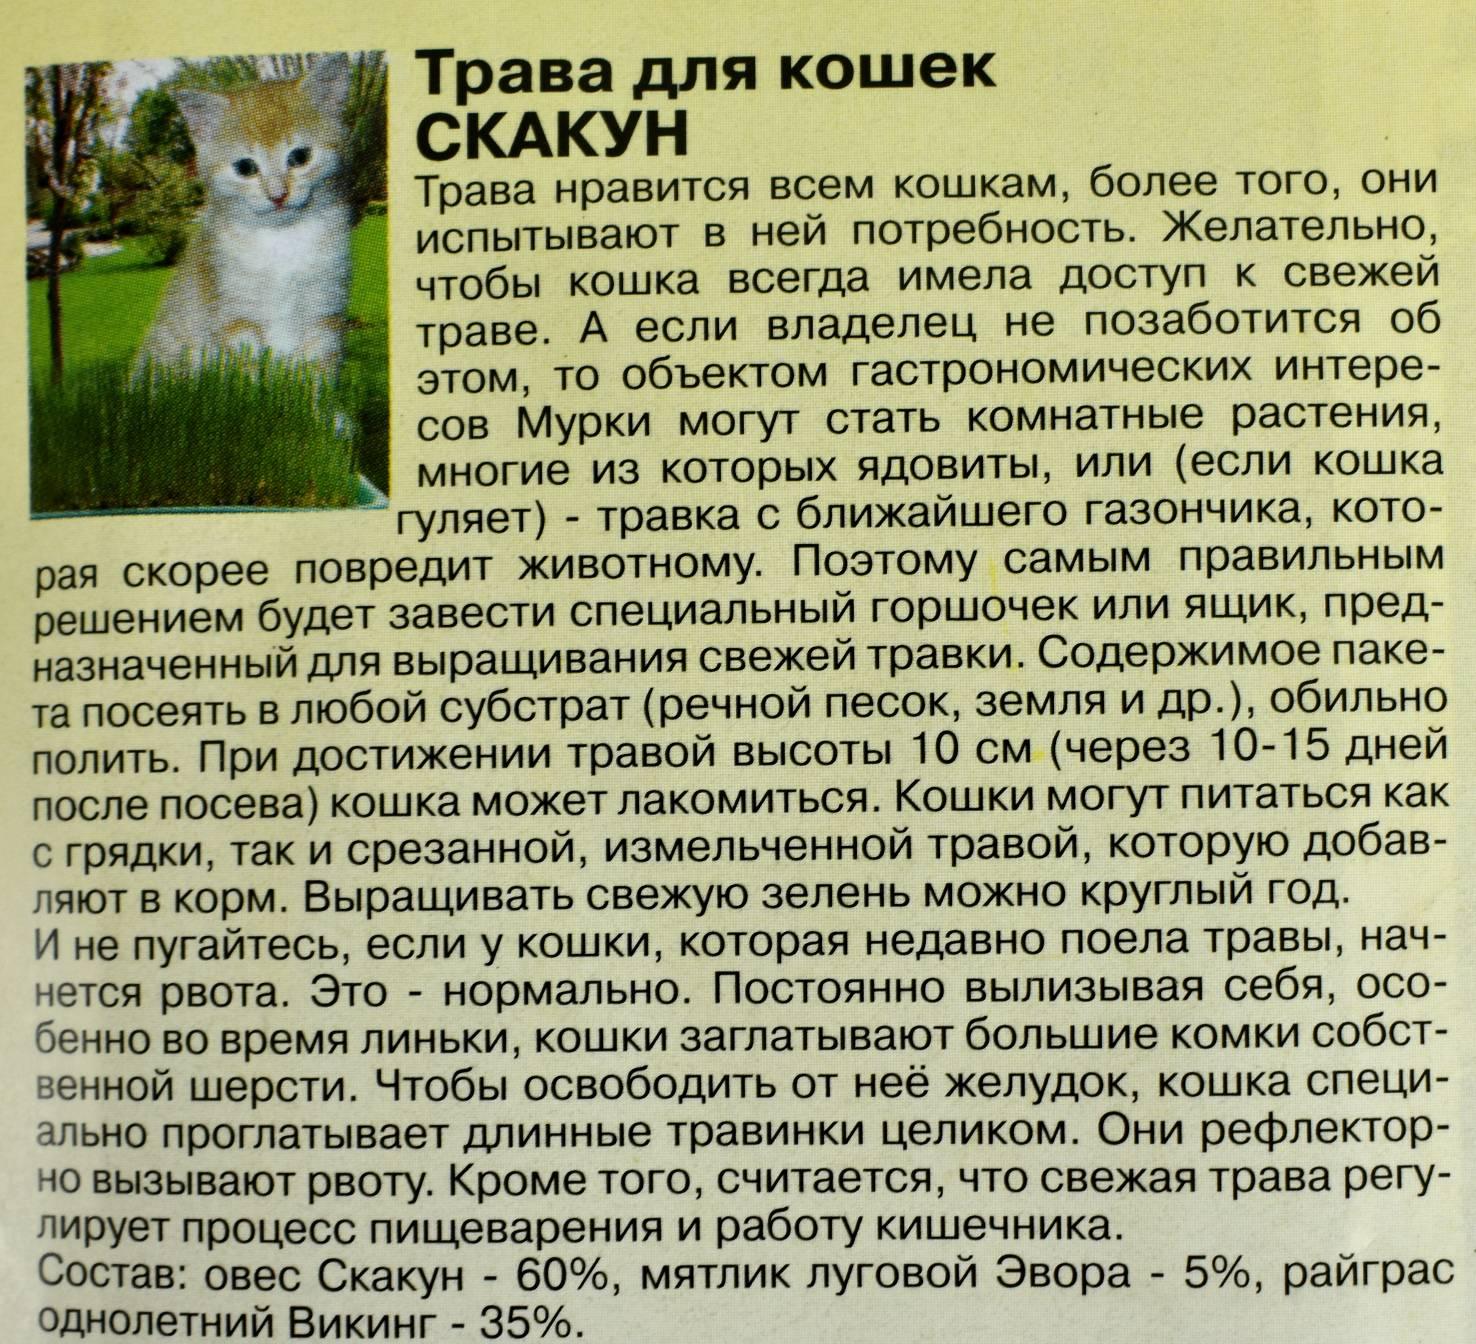 Какую траву едят кошки? ответы эксперта